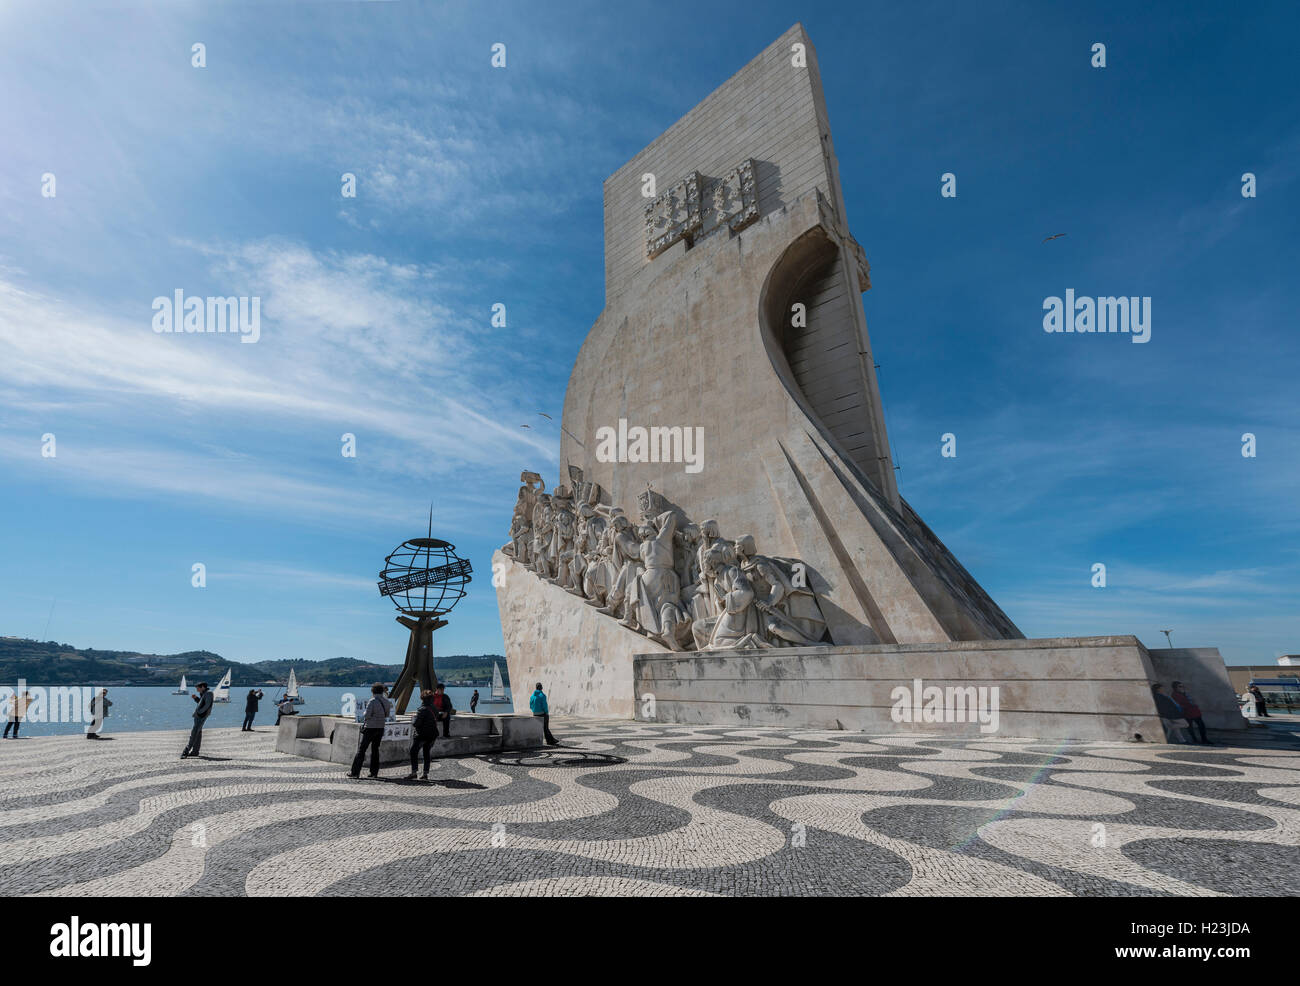 Padrão dos Descobrimentos, Monument to the Discoveries, Belém, Lisbon, Portugal Stock Photo